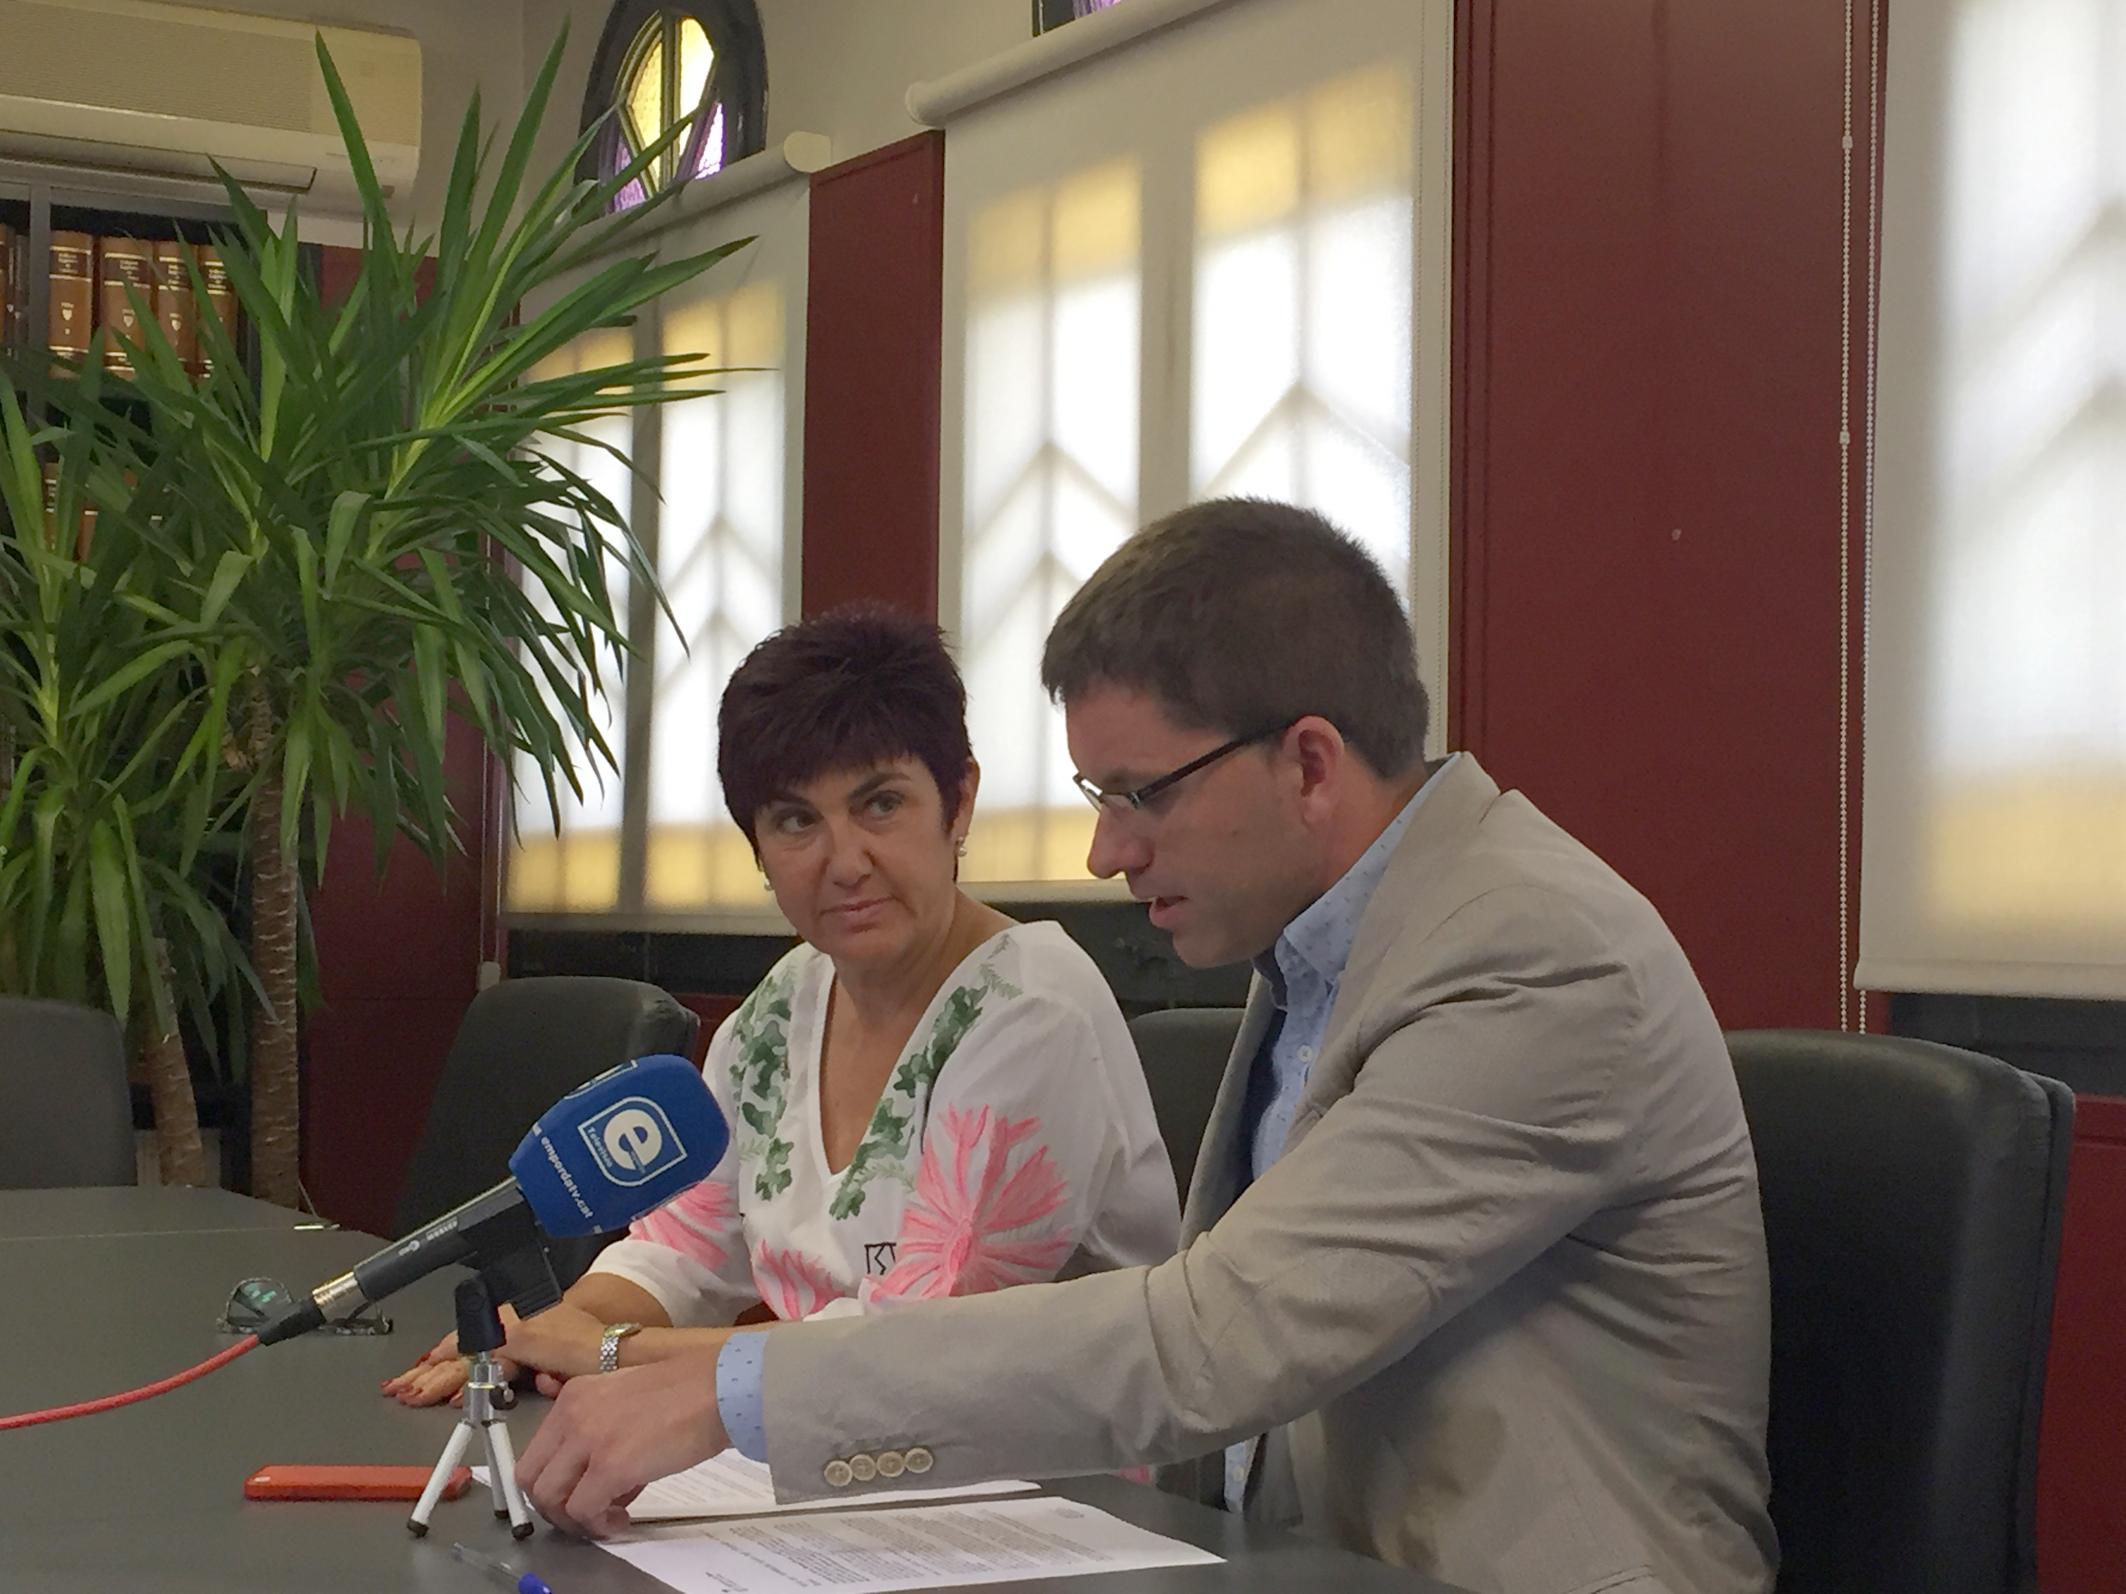 El ple municipal de Roses va aprovar ahir les Ordenances Fiscals per a l'exercici 2019